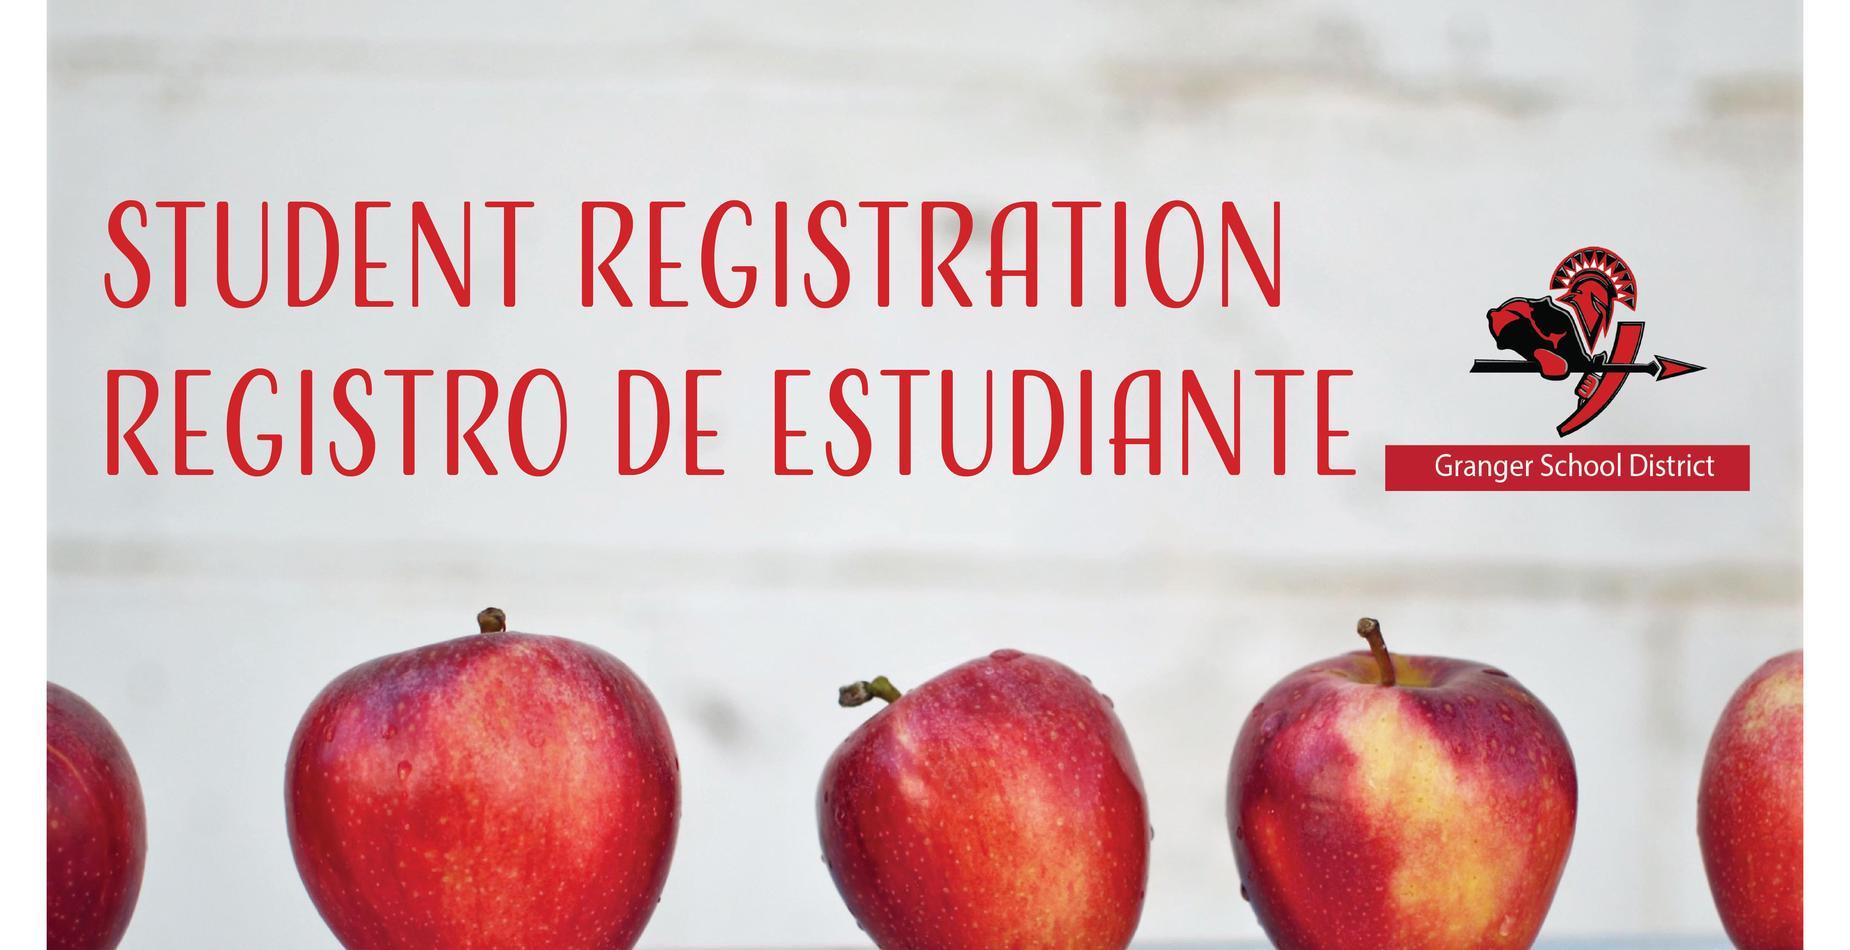 Information on student registration